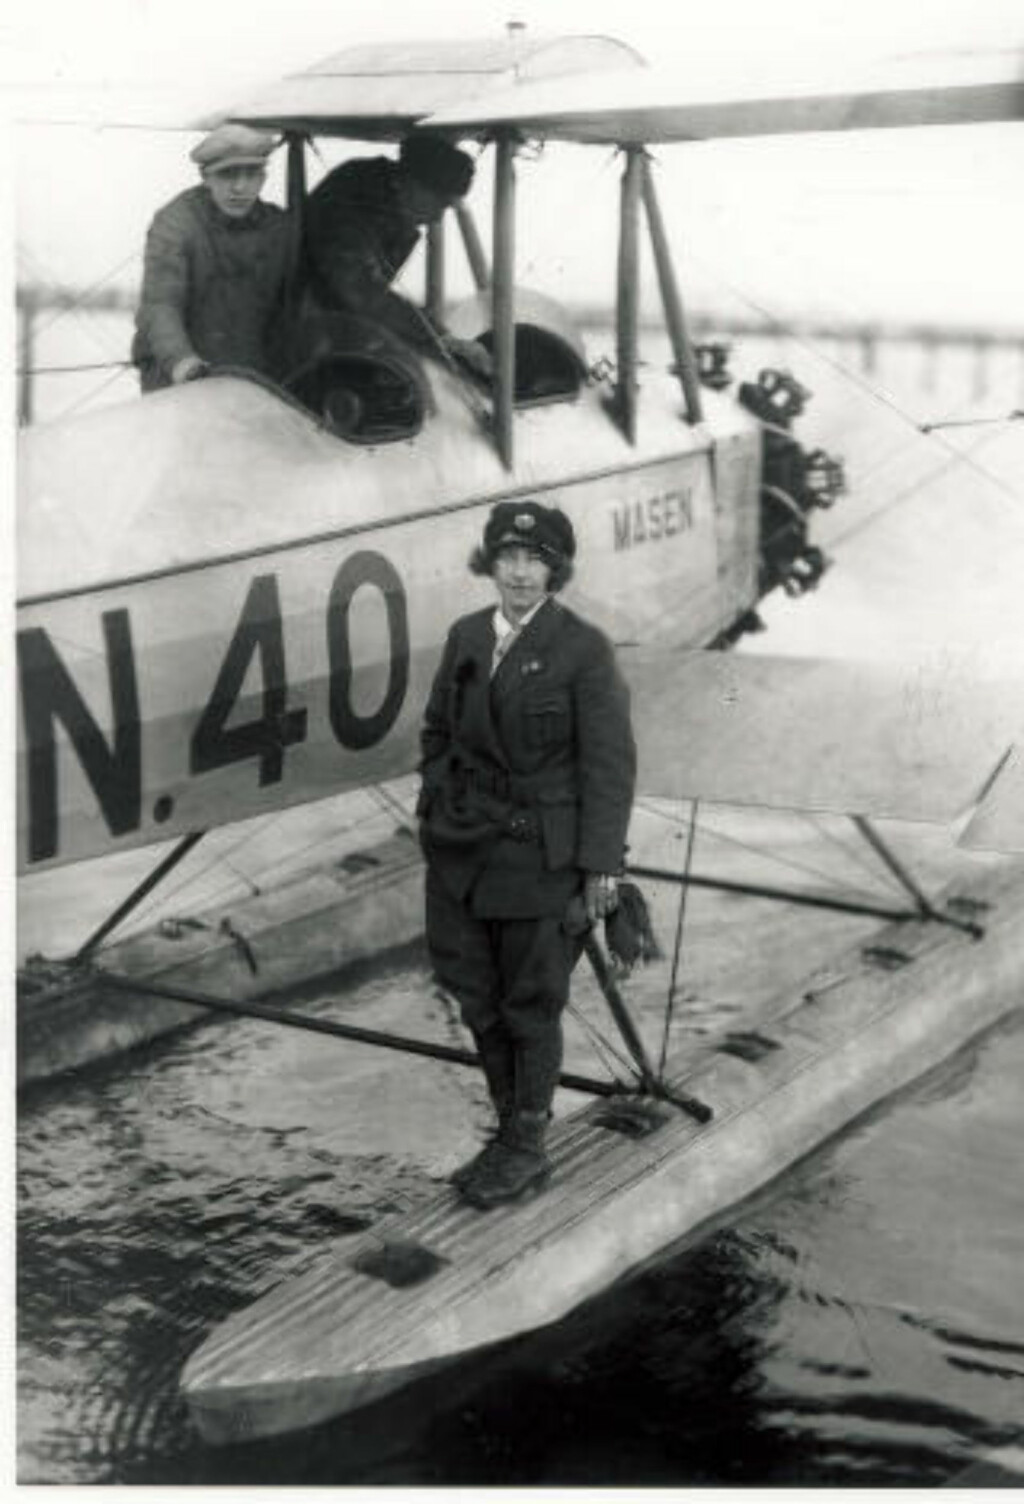 NI GANGER ÅRSINNTEKT: Gidsken Jakobsen betalte 18 000 kroner for flyet, ni ganger hennes egen årslønn som kontordame i farens firma.  Foto: NORSK LUFTFARTSMUSEUM